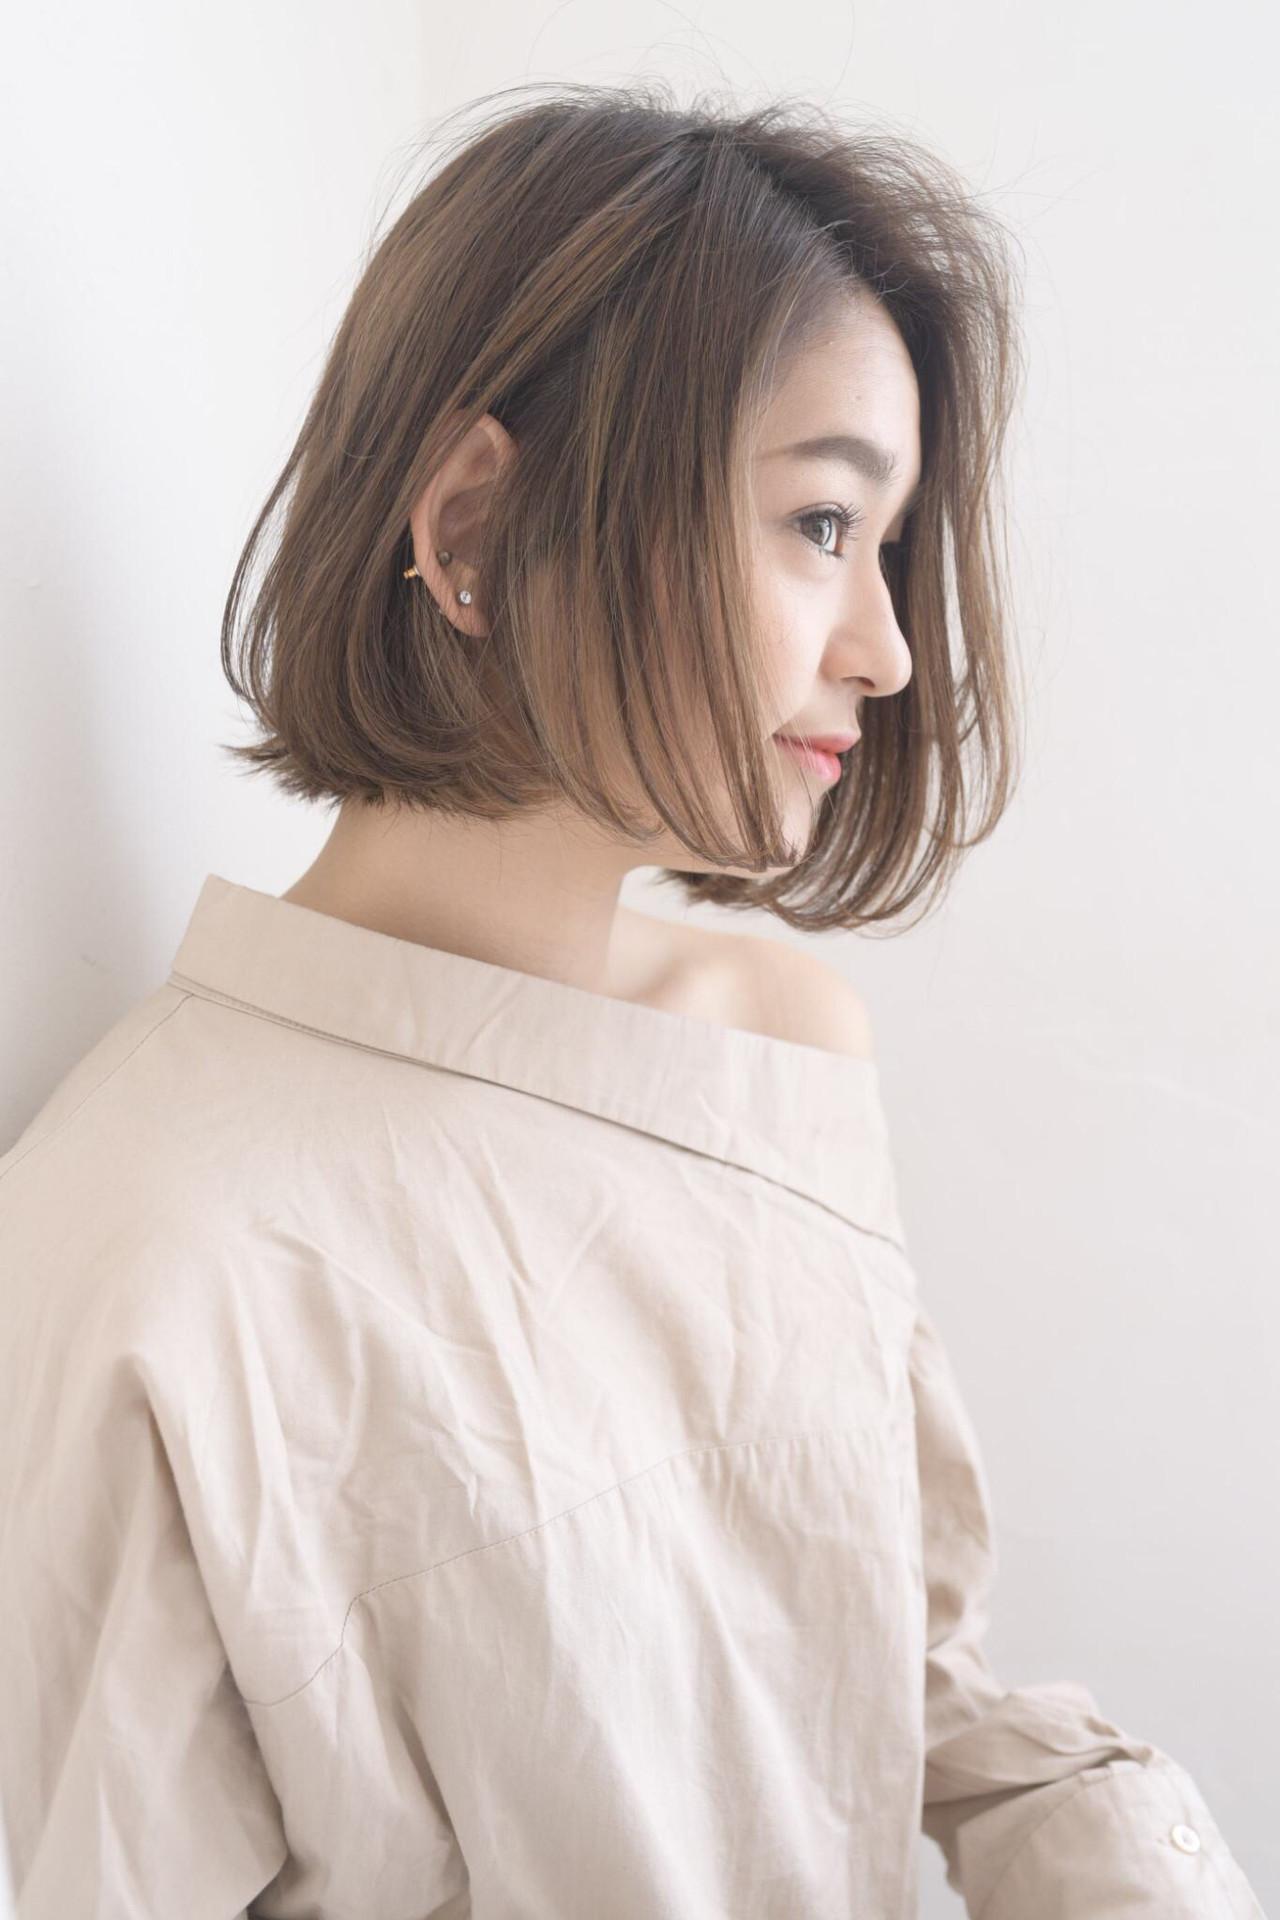 ナチュラル可愛い ナチュラル 艶髪 かき上げ前髪 ヘアスタイルや髪型の写真・画像